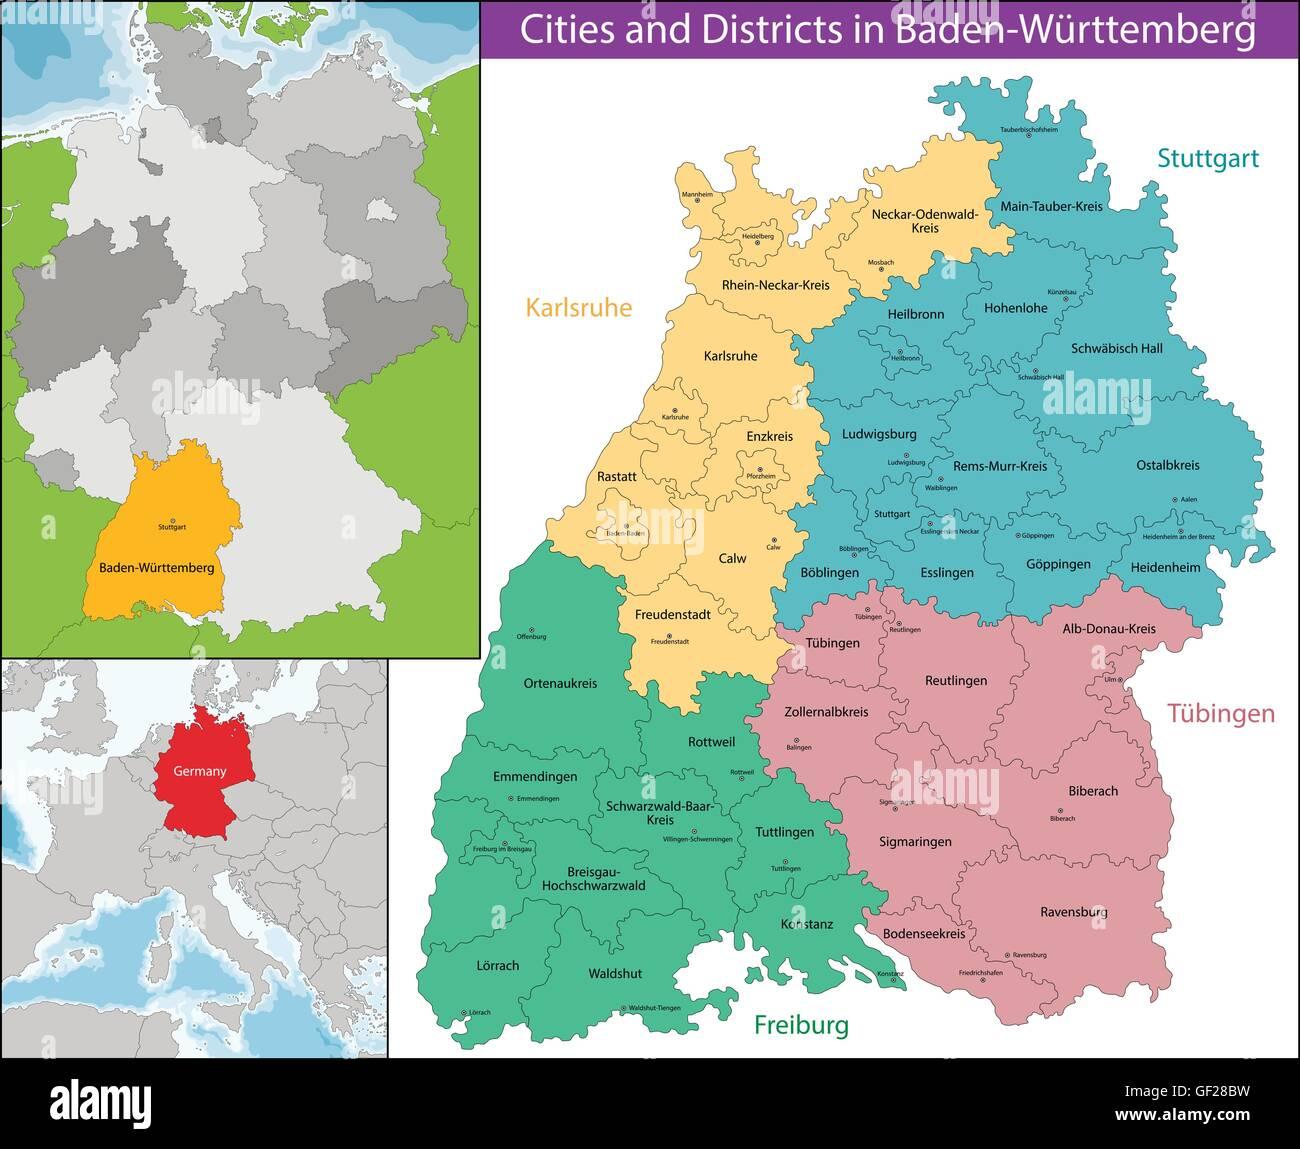 Baden Württemberg Karte.Karte Von Baden Württemberg Vektor Abbildung Bild 112532557 Alamy